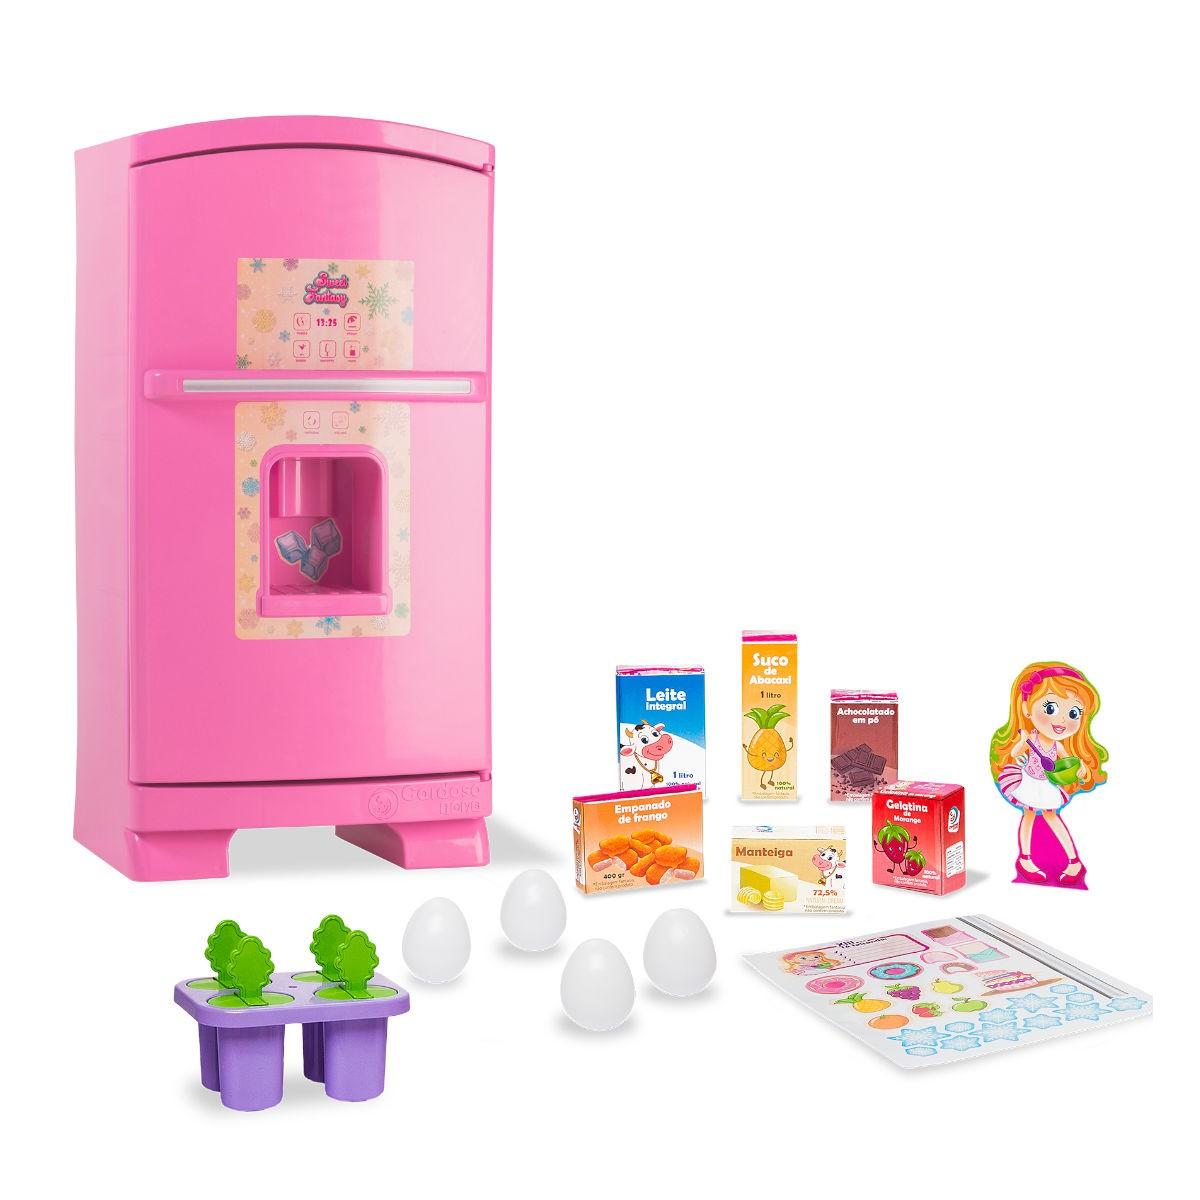 Geladeira Sweet Fantasy Cozinha Sonho de Menina Infantil 2012